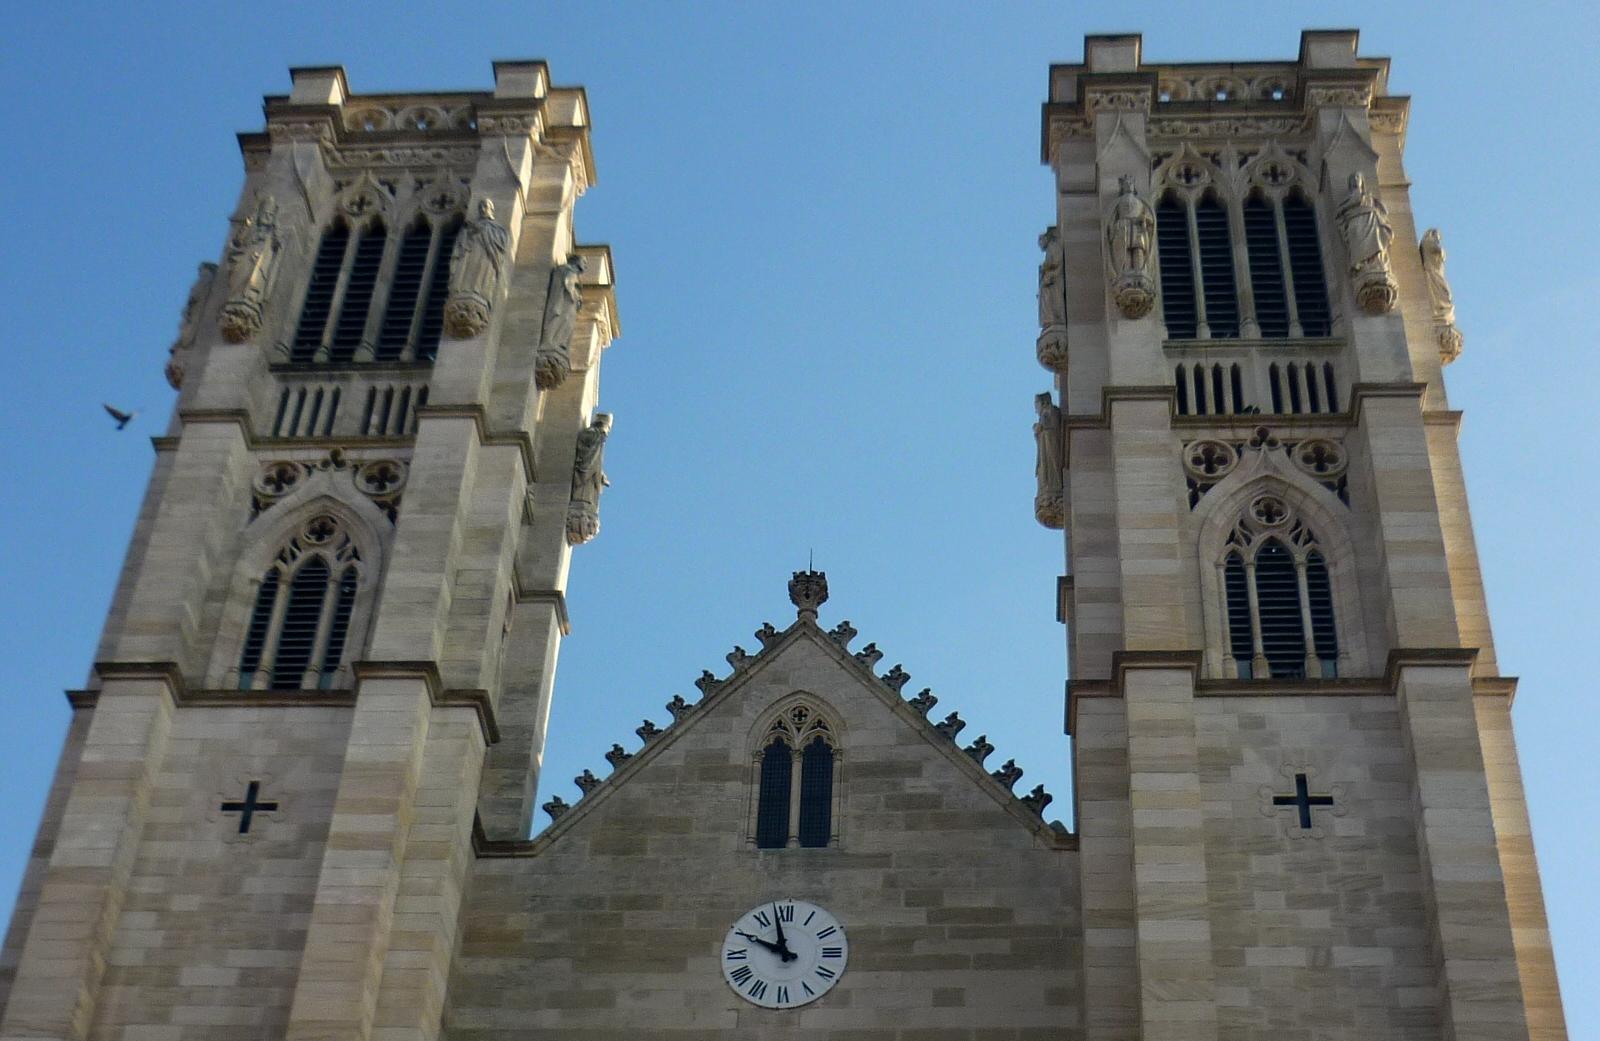 Cathédrale Saint-Vincent Chalon-sur-Saône  - Photographie de E Moreau pour Les Visites du Jeune Témé